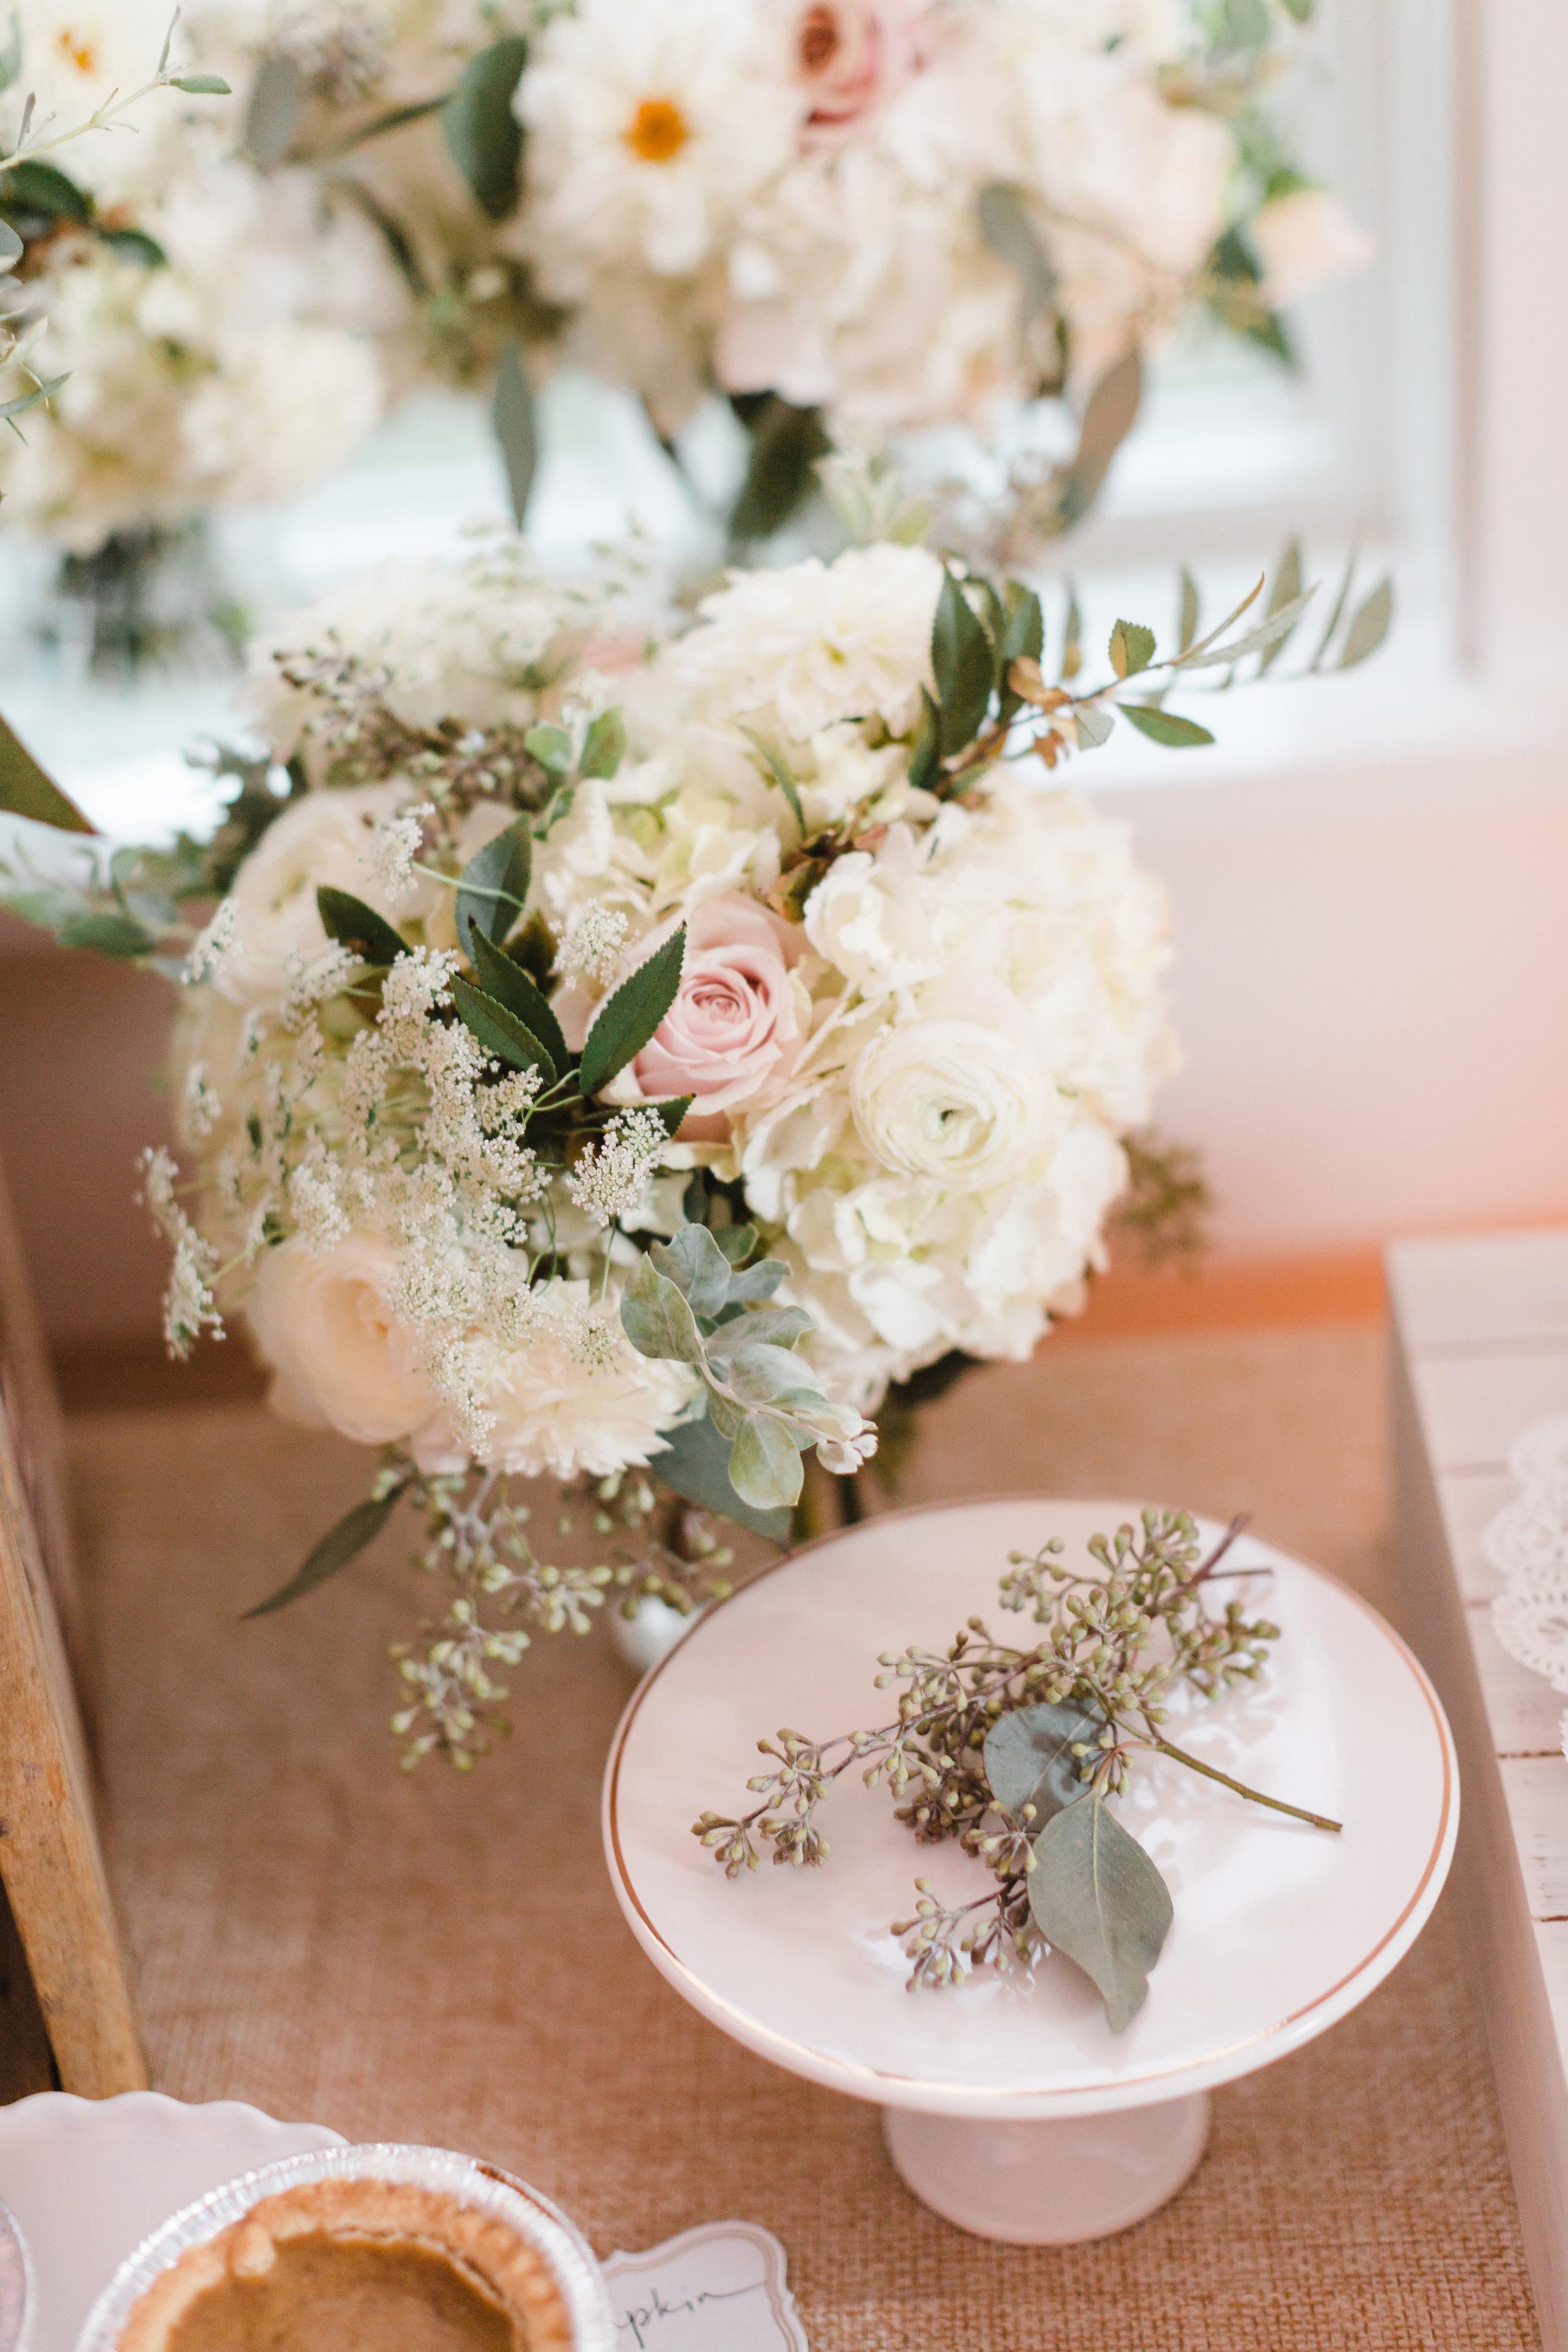 10_14_17_Wedding_529.jpg